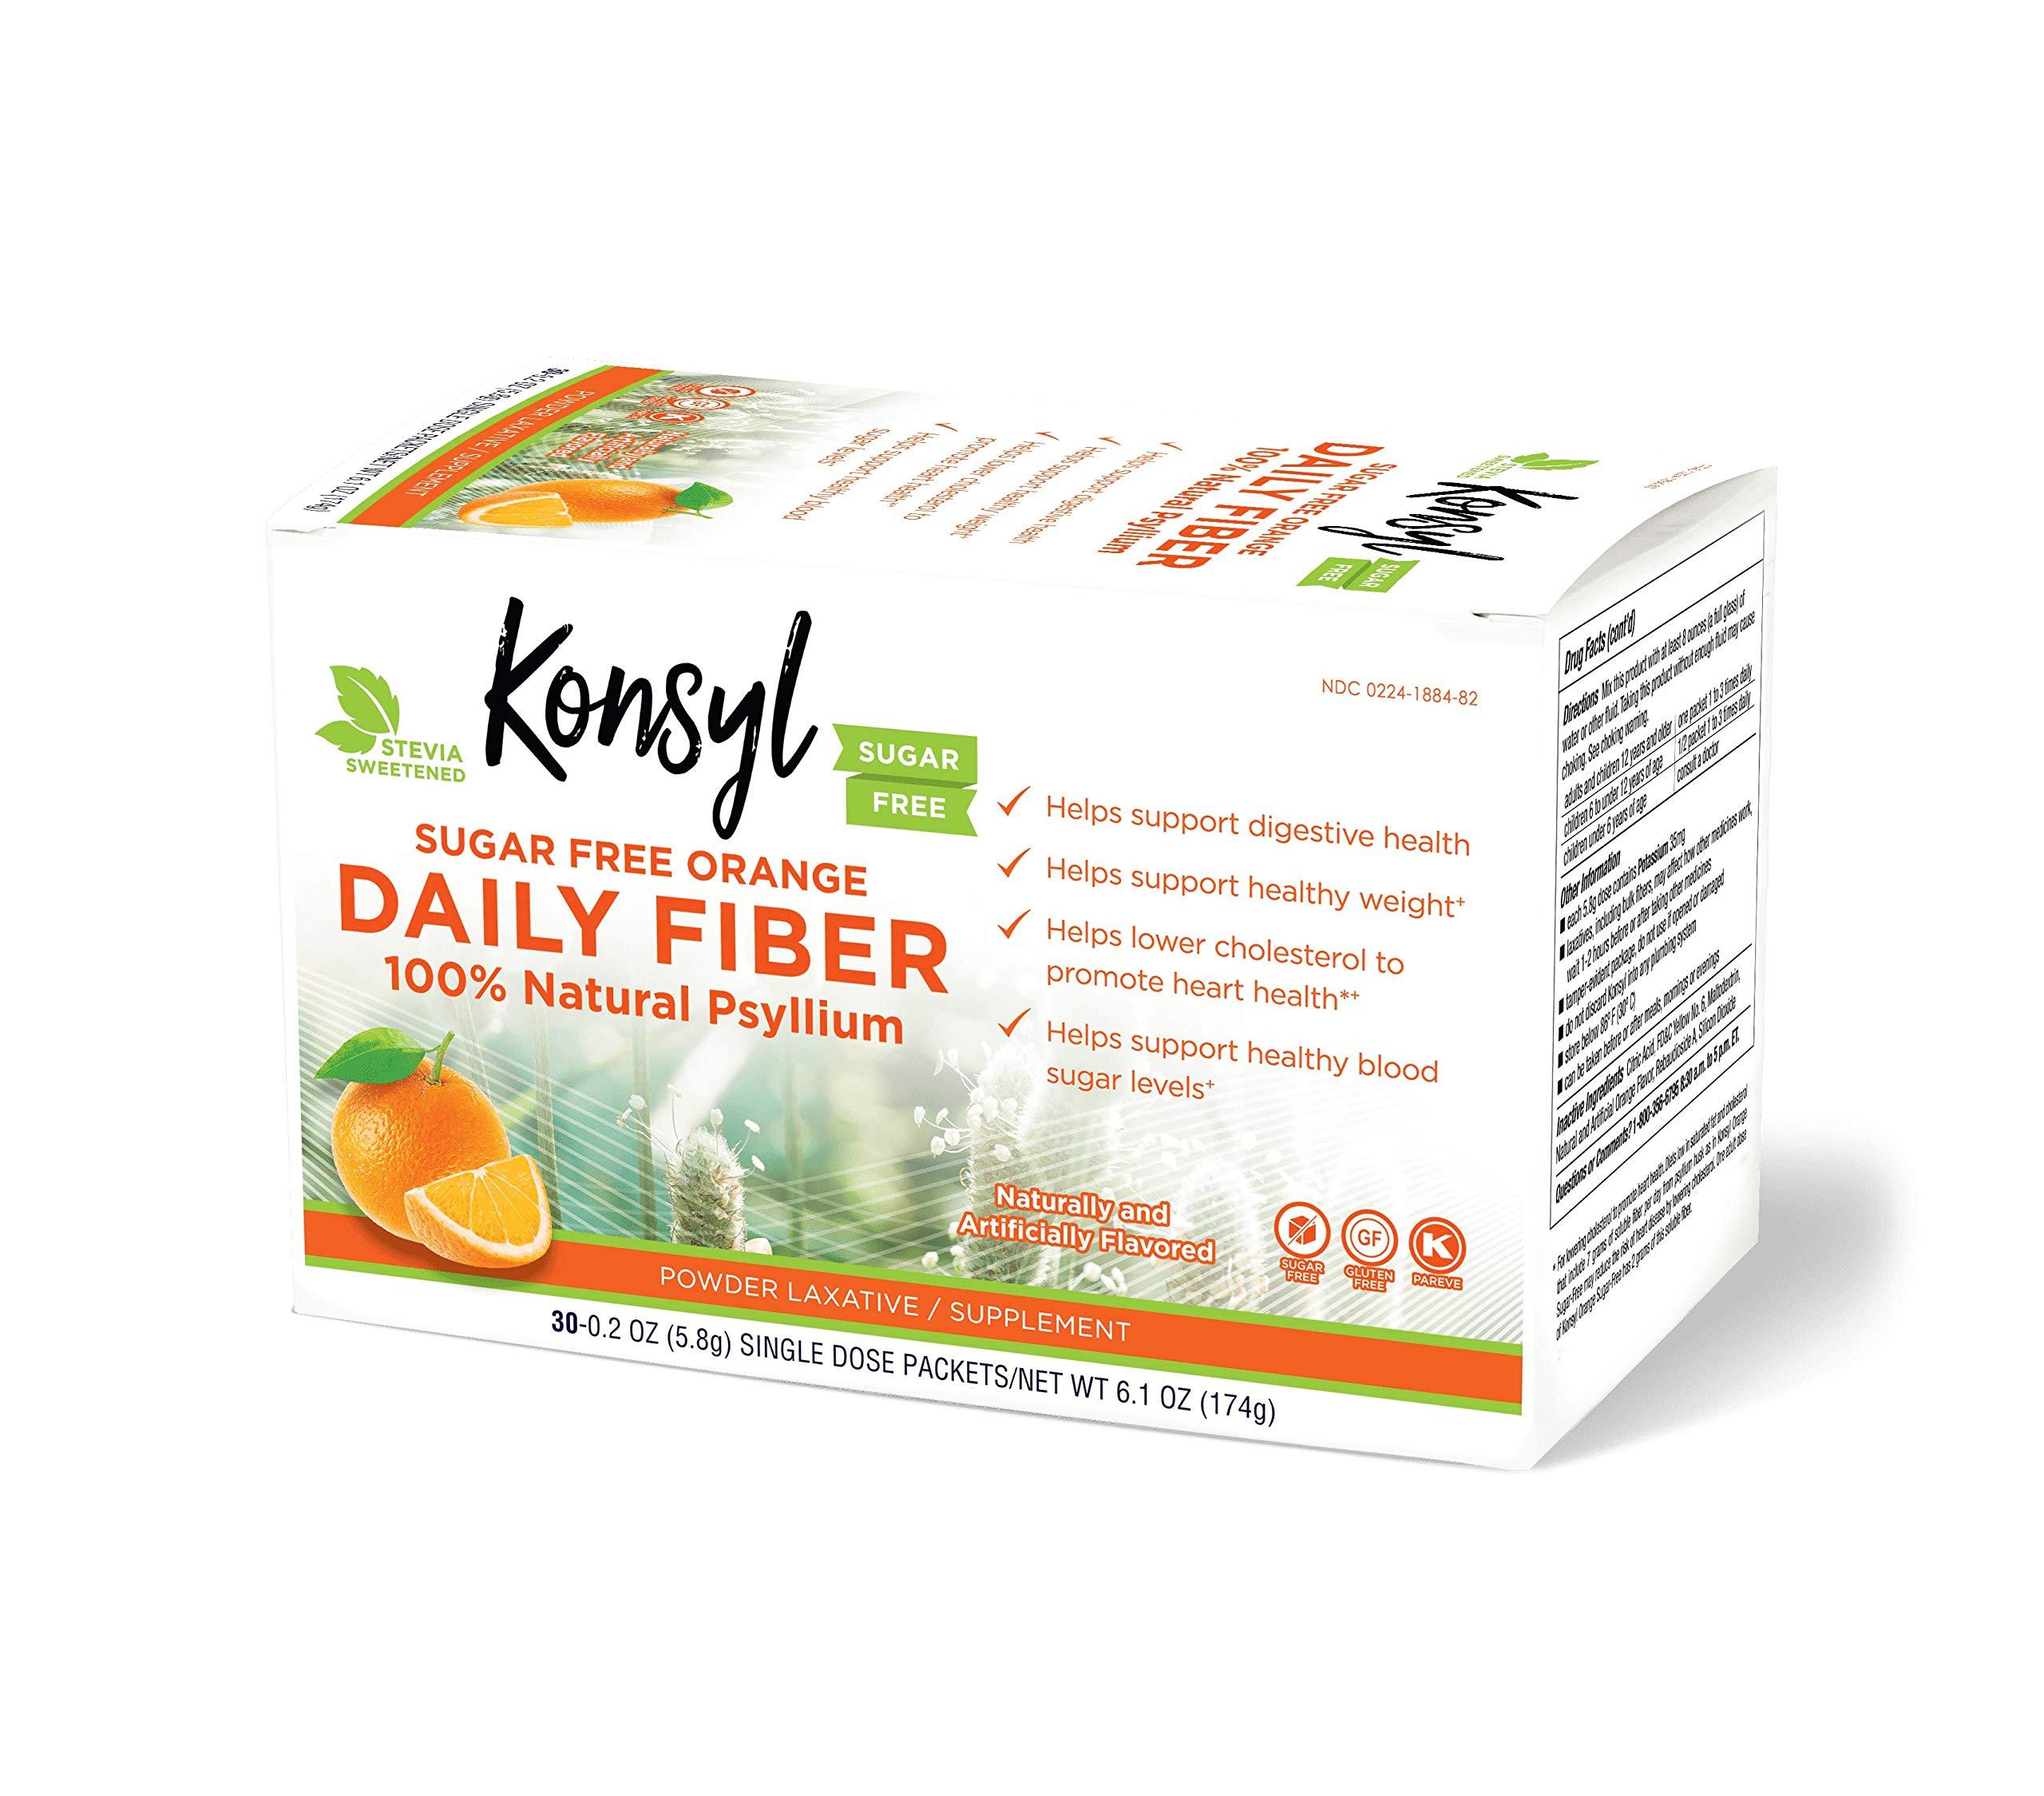 Konsyl Daily Fiber Orange 100% Natural Psyllium Husk Powder - Sugar Free & Gluten Free - 30 Individual Packets by Konsyl